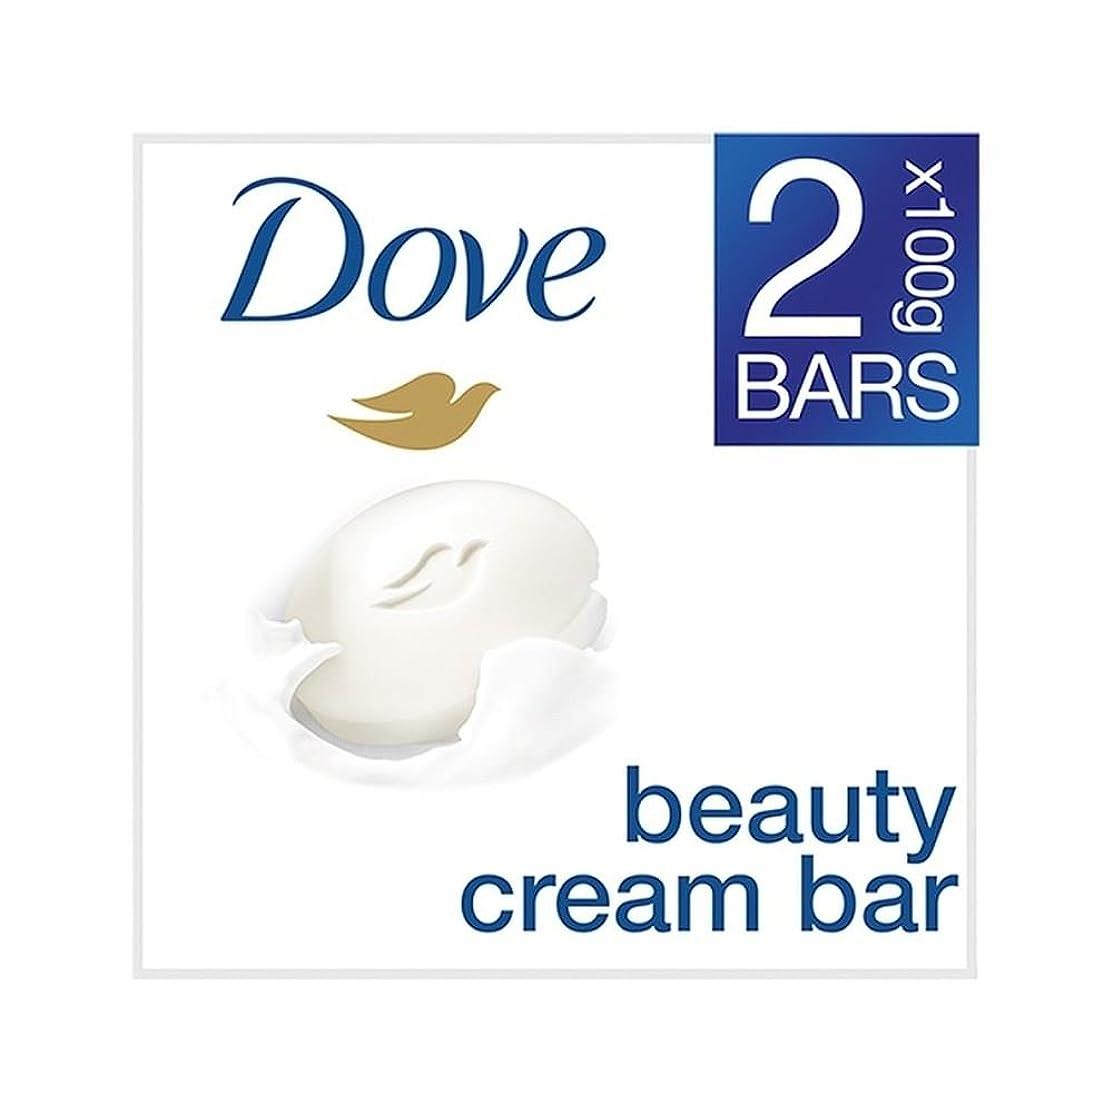 くつろぎ若者窓を洗う[Dove ] 鳩の美容クリームバーオリジナルの2×100グラム - Dove Beauty Cream Bar Original 2 x 100g [並行輸入品]